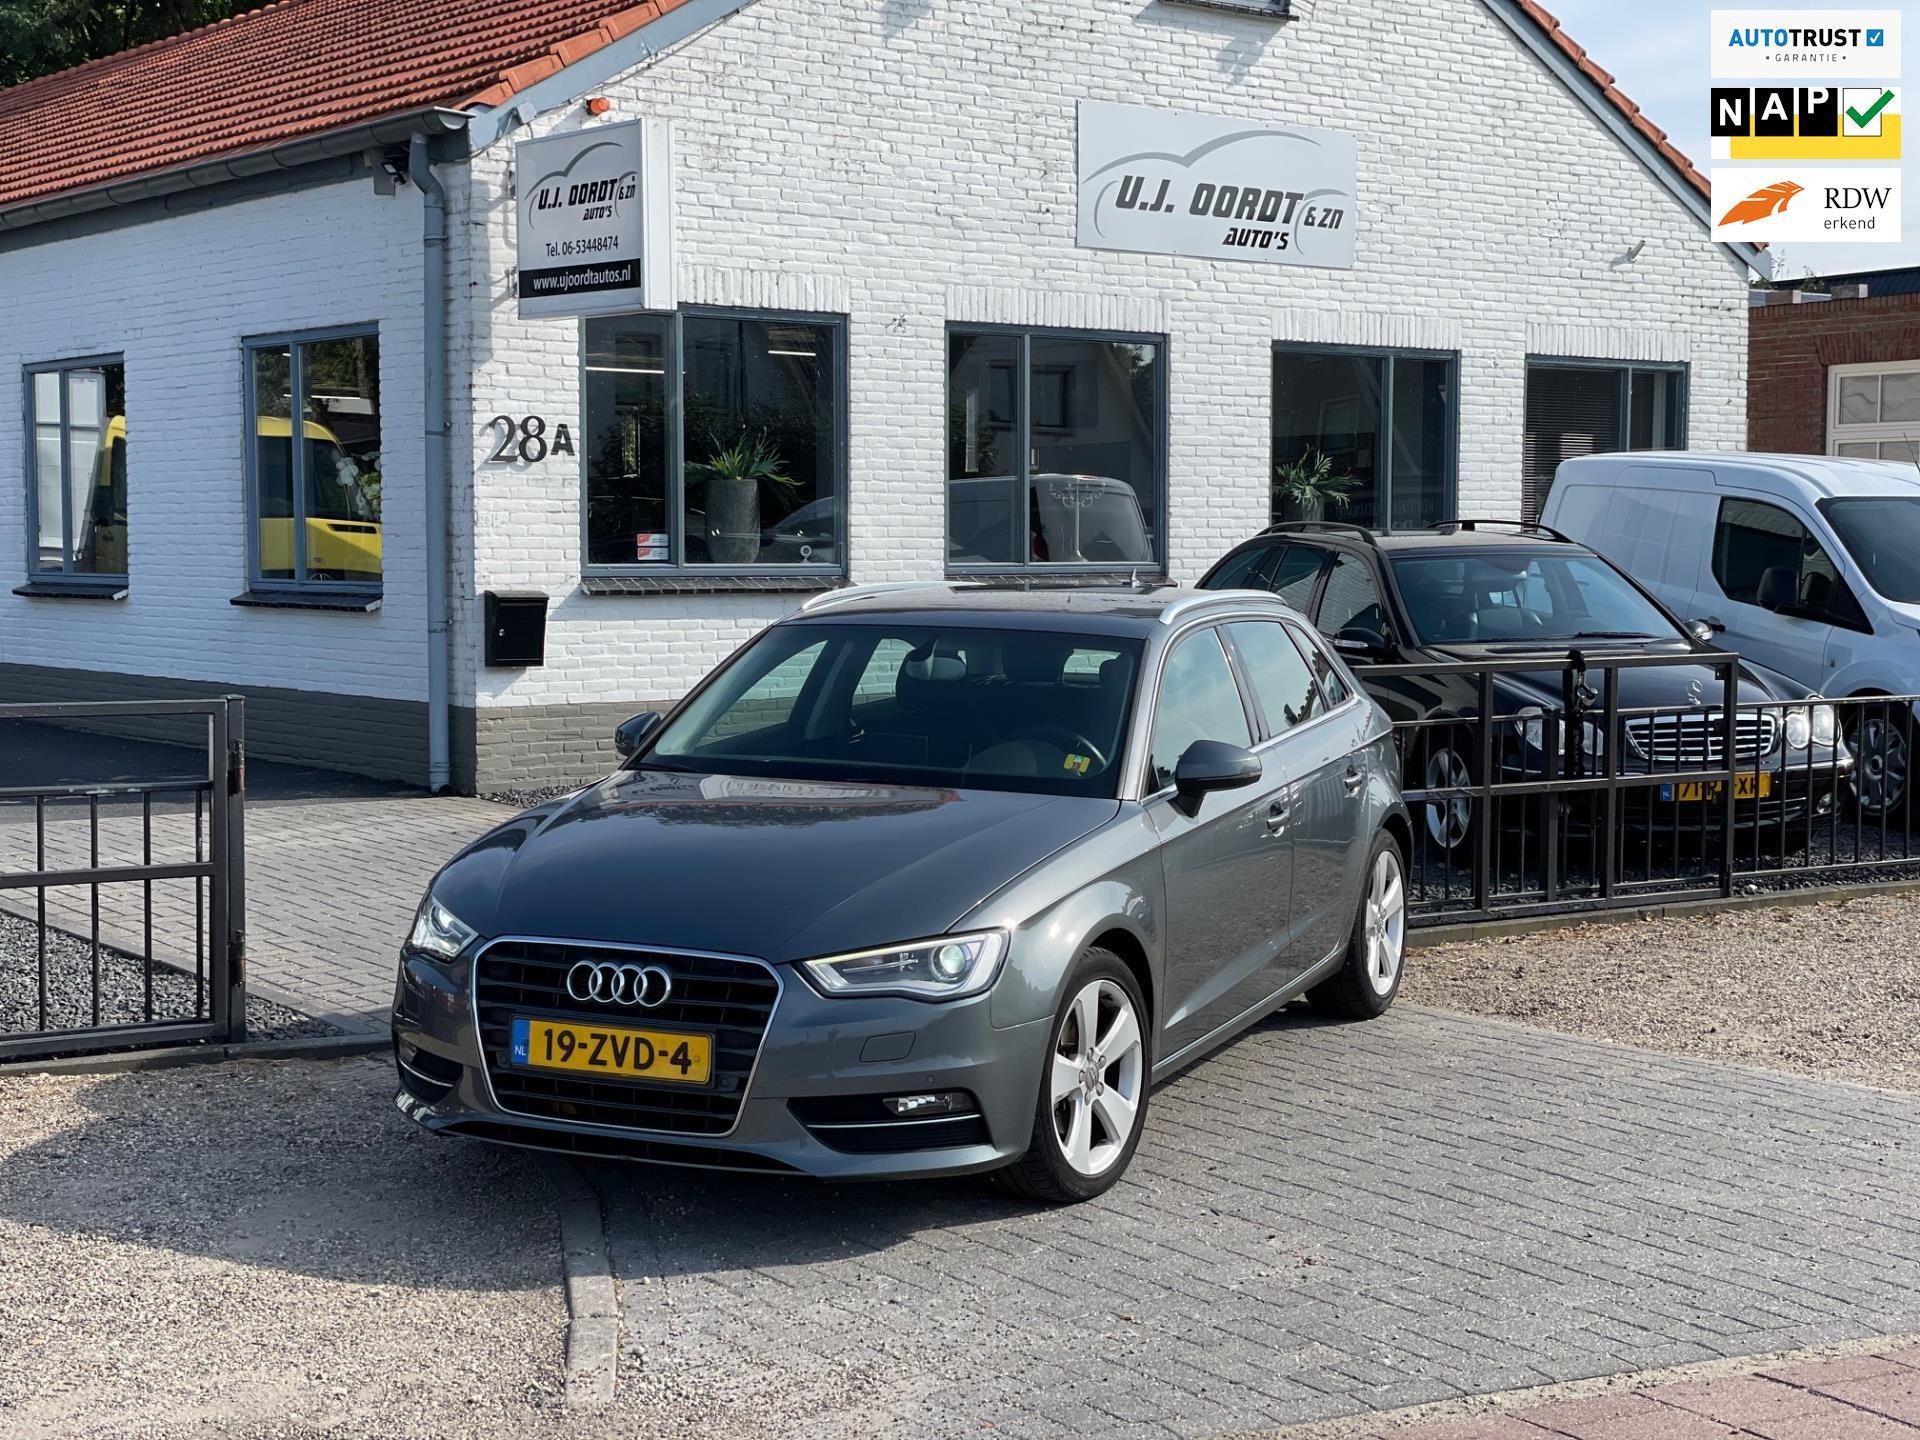 Audi A3 Sportback occasion - U.J. Oordt Auto's